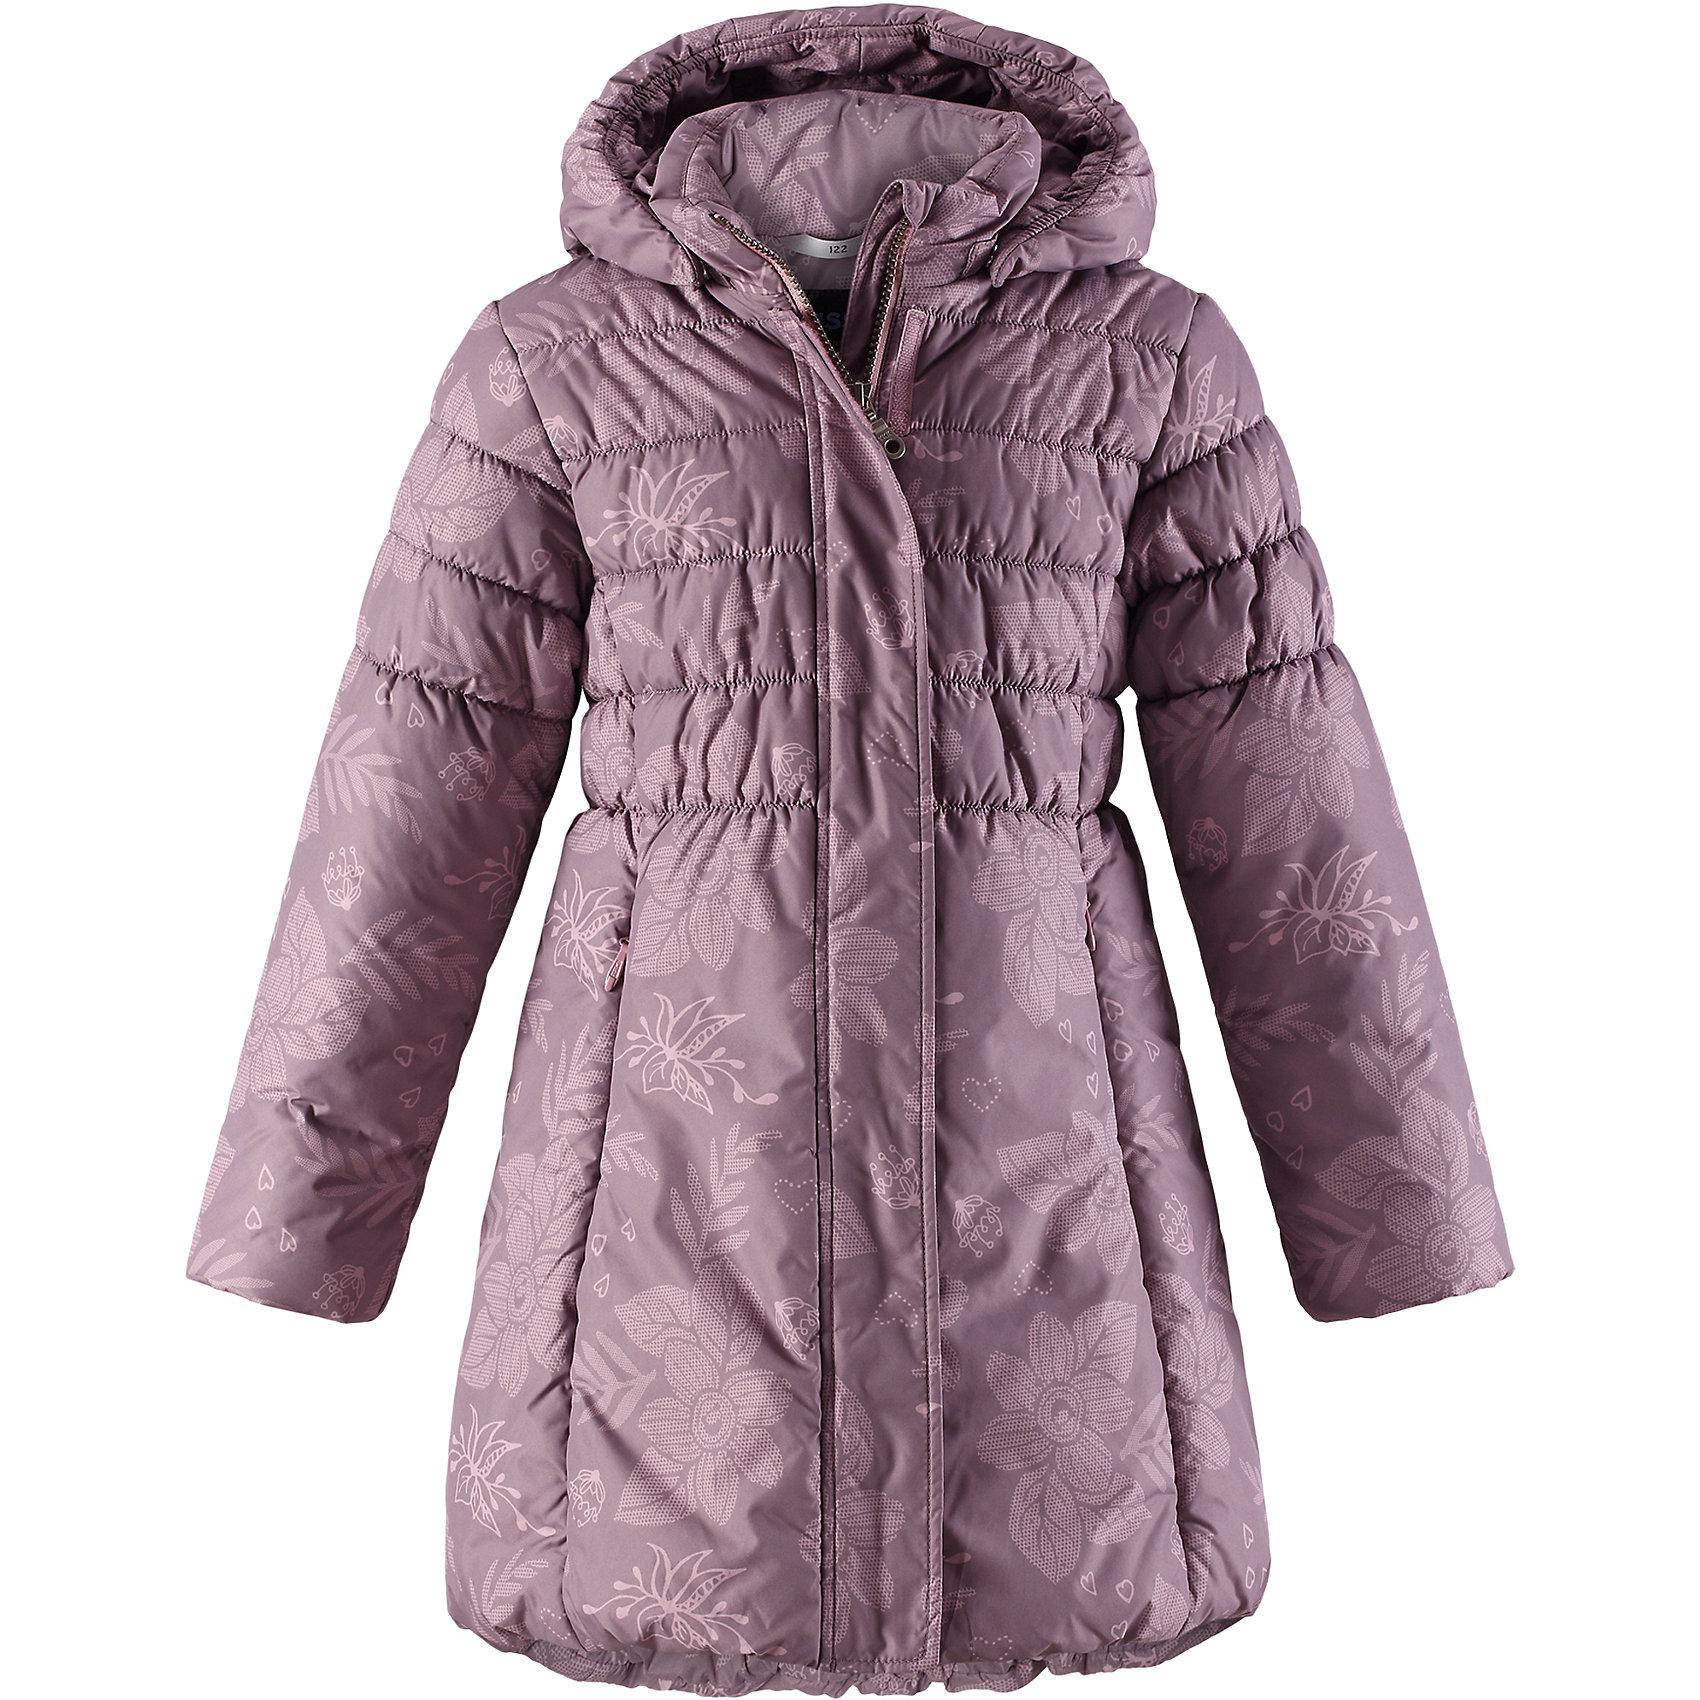 Пальто Lassie для девочкиОдежда<br>Характеристики товара:<br><br>• цвет: сиреневый;<br>• состав: 100% полиэстер, полиуретановое покрытие;<br>• подкладка: 100% полиэстер;<br>• утеплитель: 200 г/м2;<br>• сезон: зима;<br>• температурный режим: от 0 до -25С;<br>• водонепроницаемость: 1000 мм;<br>• воздухопроницаемость: 2000 мм;<br>• износостойкость: 15000 циклов (тест Мартиндейла);<br>• особенности: стеганое, удлиненное пальто;<br>• застежка: молния с дополнительной защитной планкой;<br>• водоотталкивающий, ветронепроницаемый и дышащий материал;<br>• гладкая подкладка из полиэстера;<br>• безопасный съемный капюшон; <br>• эластичные манжеты рукавов; <br>• эластичная кромка подола;<br>• карманы в боковых швах;<br>• светоотражающие детали;<br>• страна бренда: Финляндия;<br>• страна изготовитель: Китай;<br><br>Зимнее стеганое пальто на молнии и с капюшоном. Удлиненная модель для девочек. Пальто изготовлено из ветронепроницаемого, дышащего материала с верхним водо- и ветронепроницаемым слоем – в нем будет тепло и комфортно во время веселых прогулок. <br><br>Пальто Lassie (Ласси) для девочки можно купить в нашем интернет-магазине.<br><br>Ширина мм: 356<br>Глубина мм: 10<br>Высота мм: 245<br>Вес г: 519<br>Цвет: розовый<br>Возраст от месяцев: 108<br>Возраст до месяцев: 120<br>Пол: Женский<br>Возраст: Детский<br>Размер: 140,92,98,104,110,116,122,128,134<br>SKU: 6927581